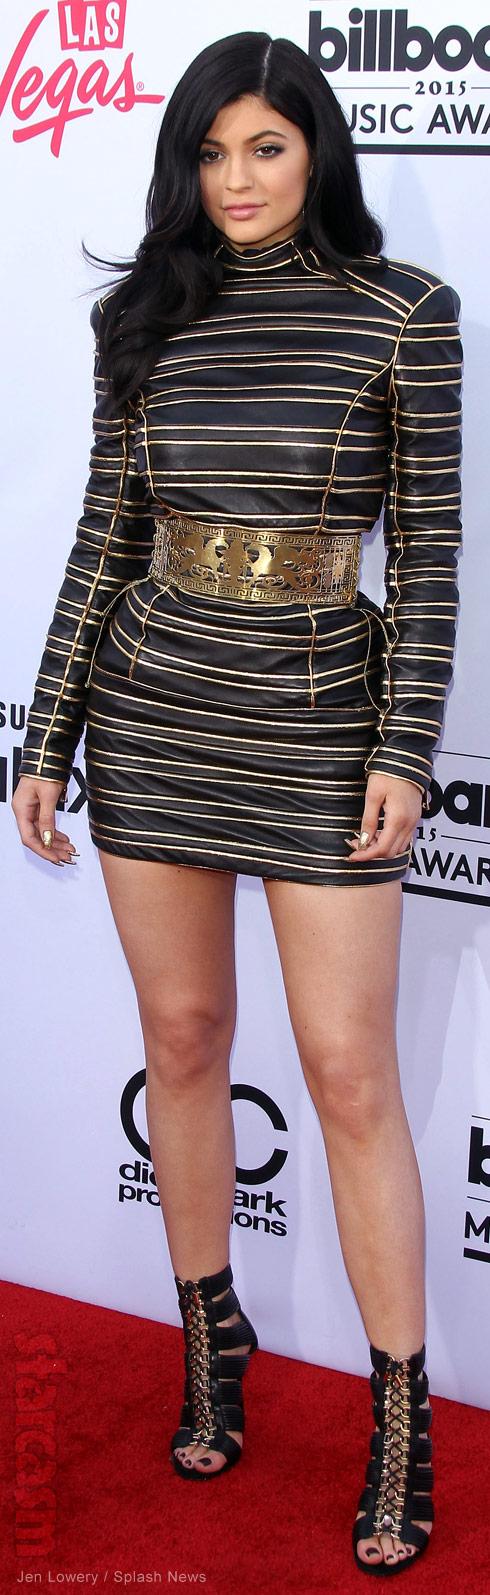 Kylie Jenner 2015 Billboard Music Awards 2015 red carpet full length